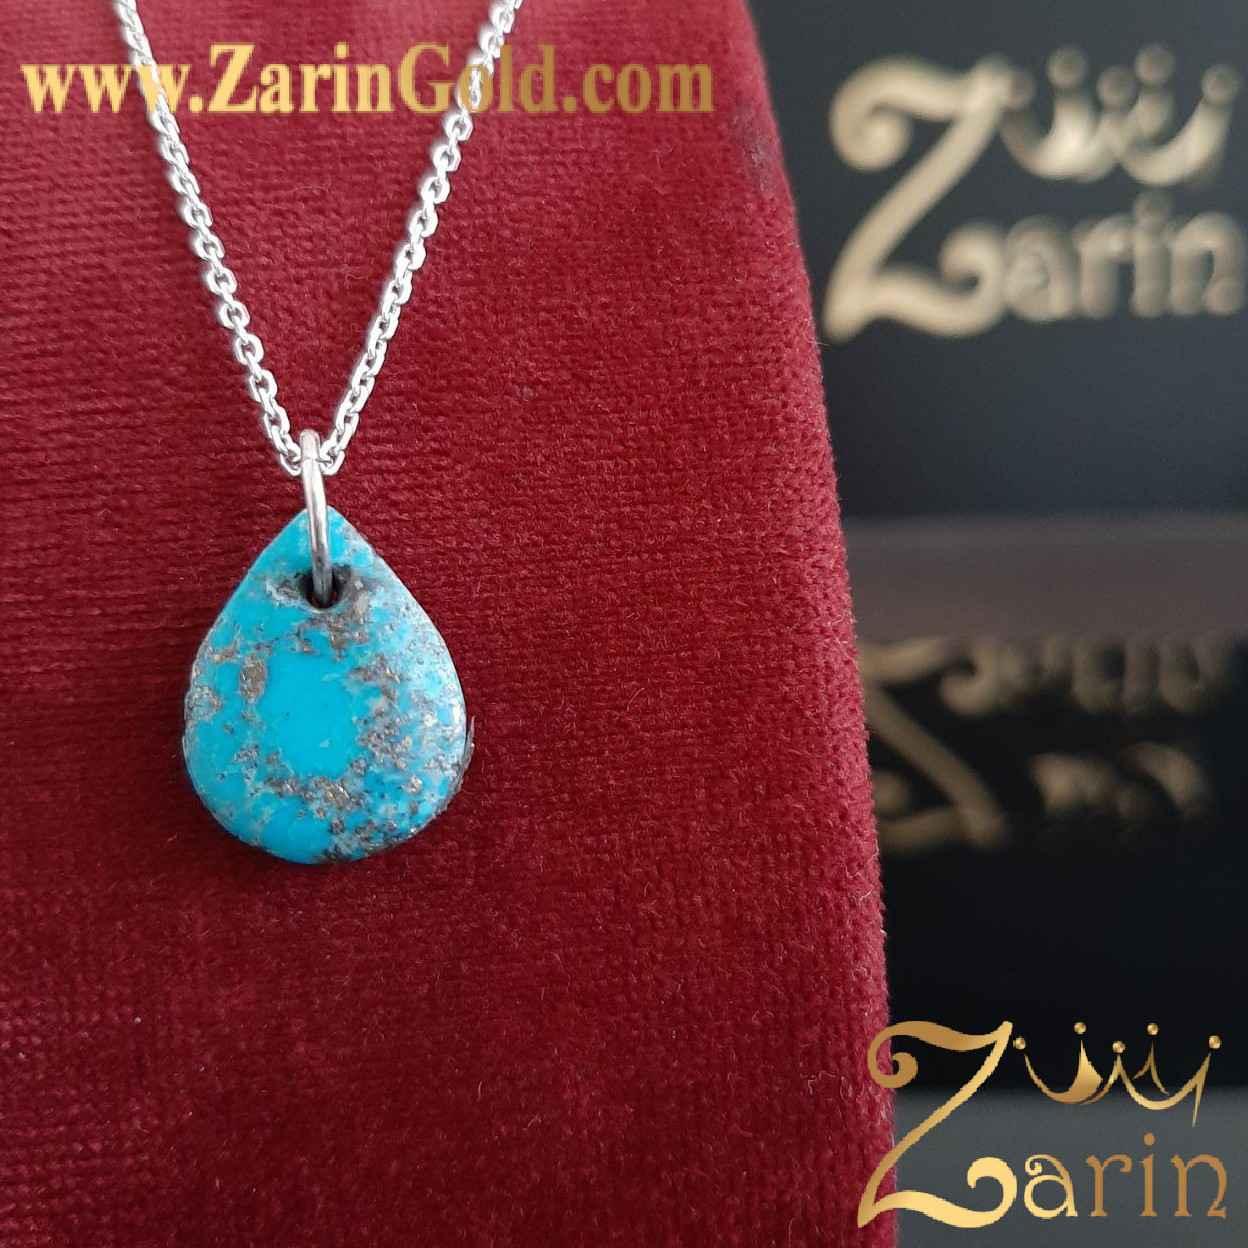 سنگ فیروزه کرمان با رگه آلیاژ با حلقه چه نقره